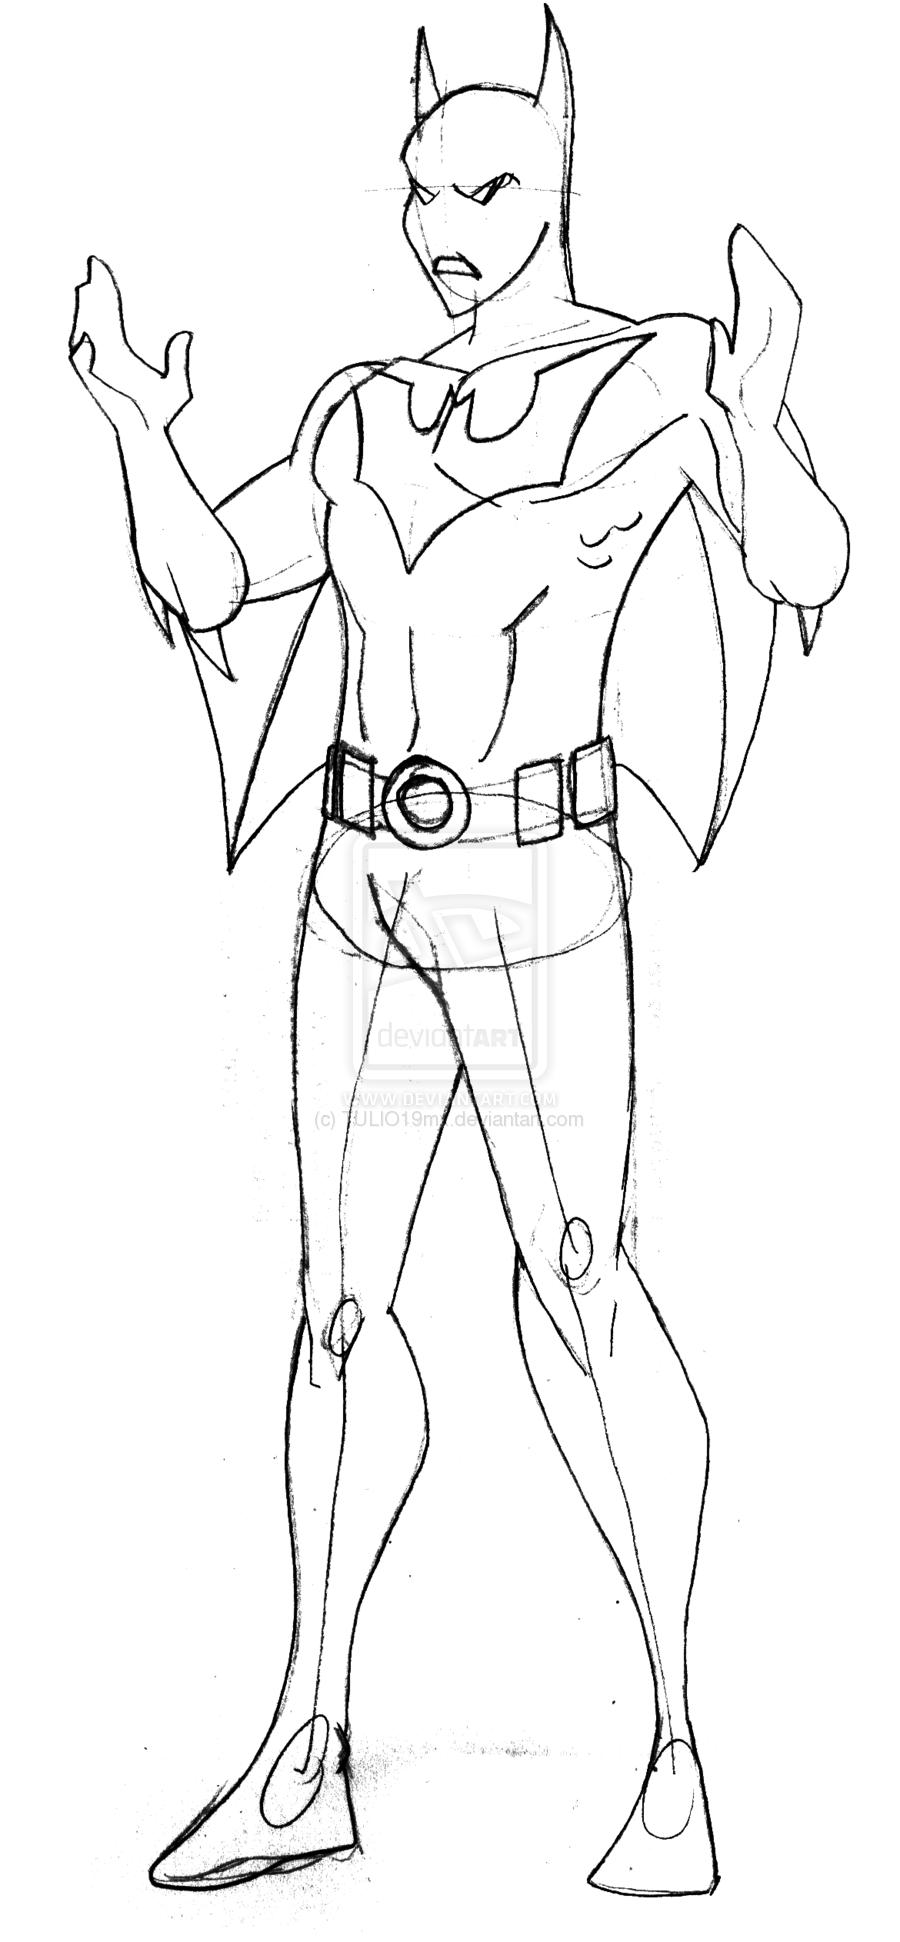 310 Dibujos De Batman Para Colorear Oh Kids Page 17